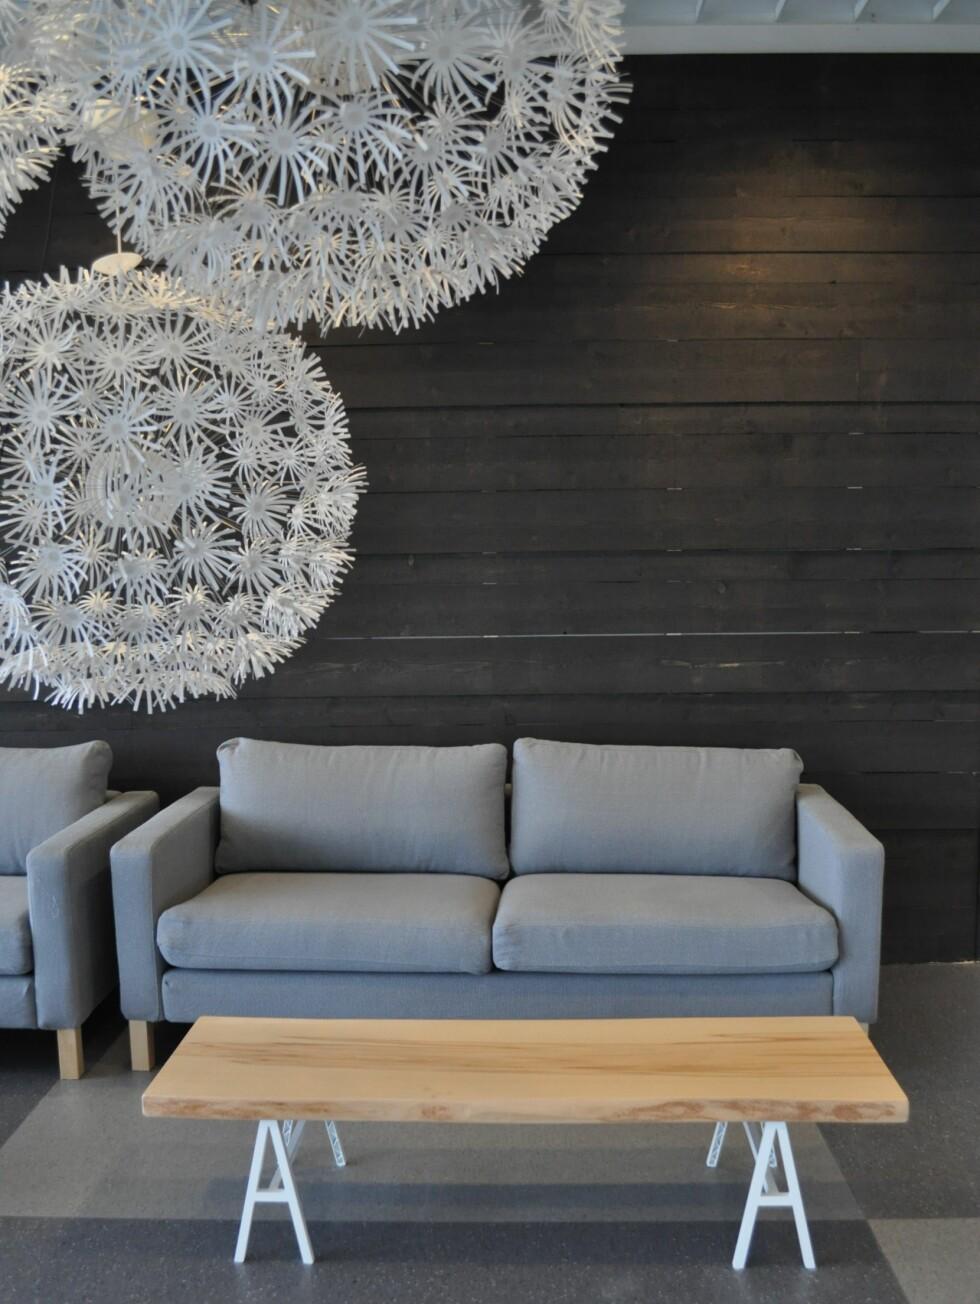 Fra Ikeas PS-kolleksjon. Løvetann-lampen gir fine lyseffekter, om du har tålmodighet til å sette den sammen ...  Foto: Ikea